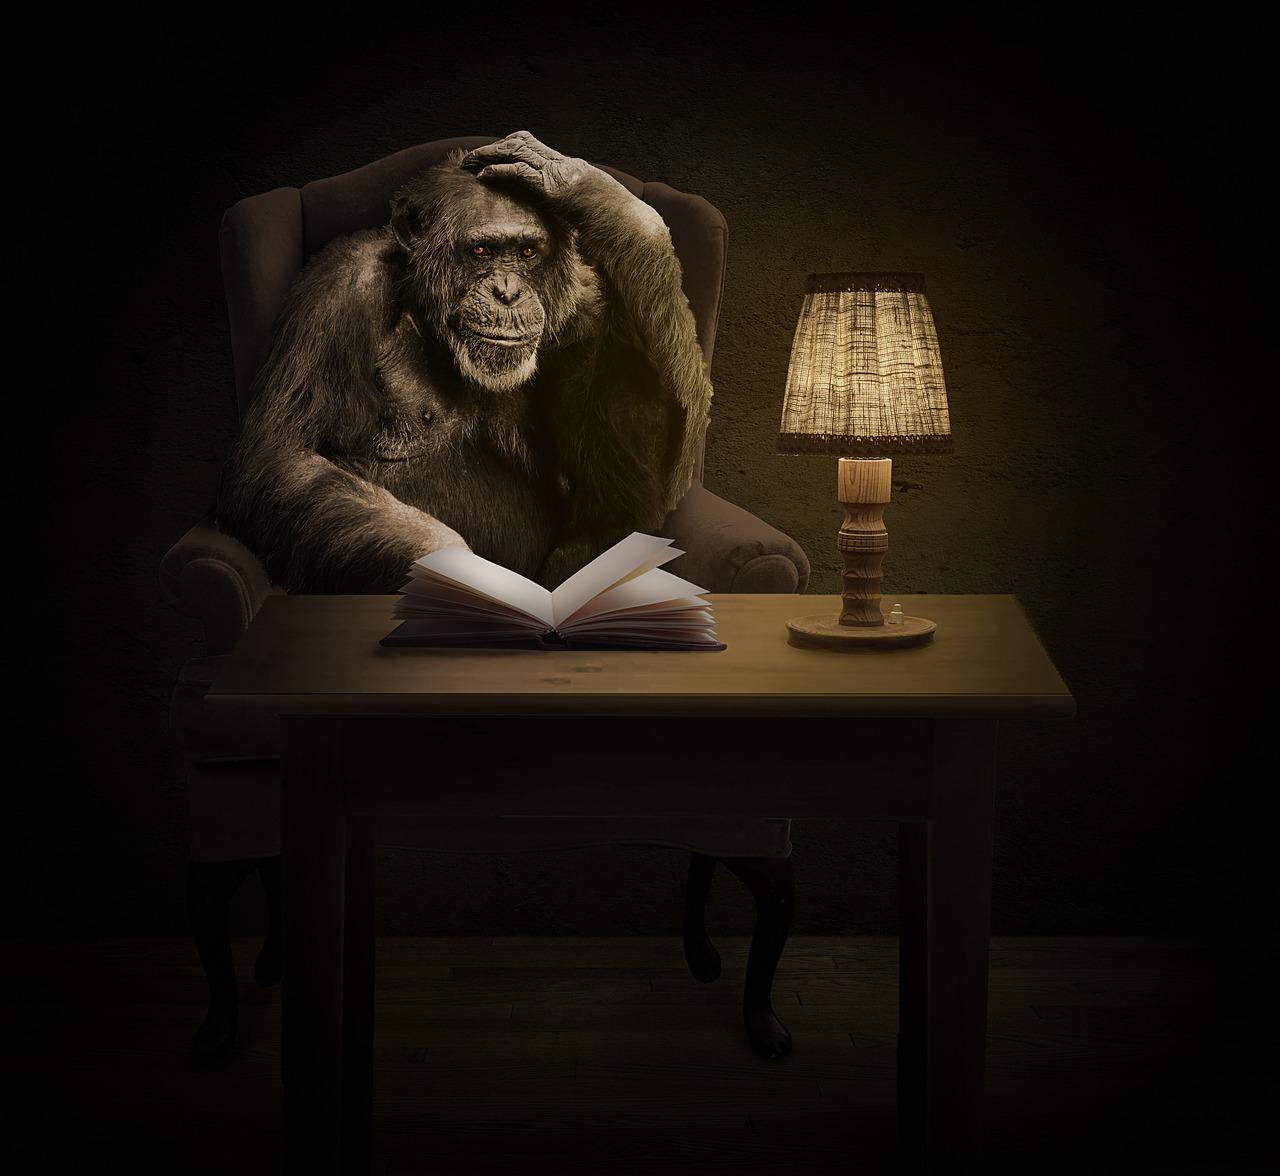 monkey-1757972_1280